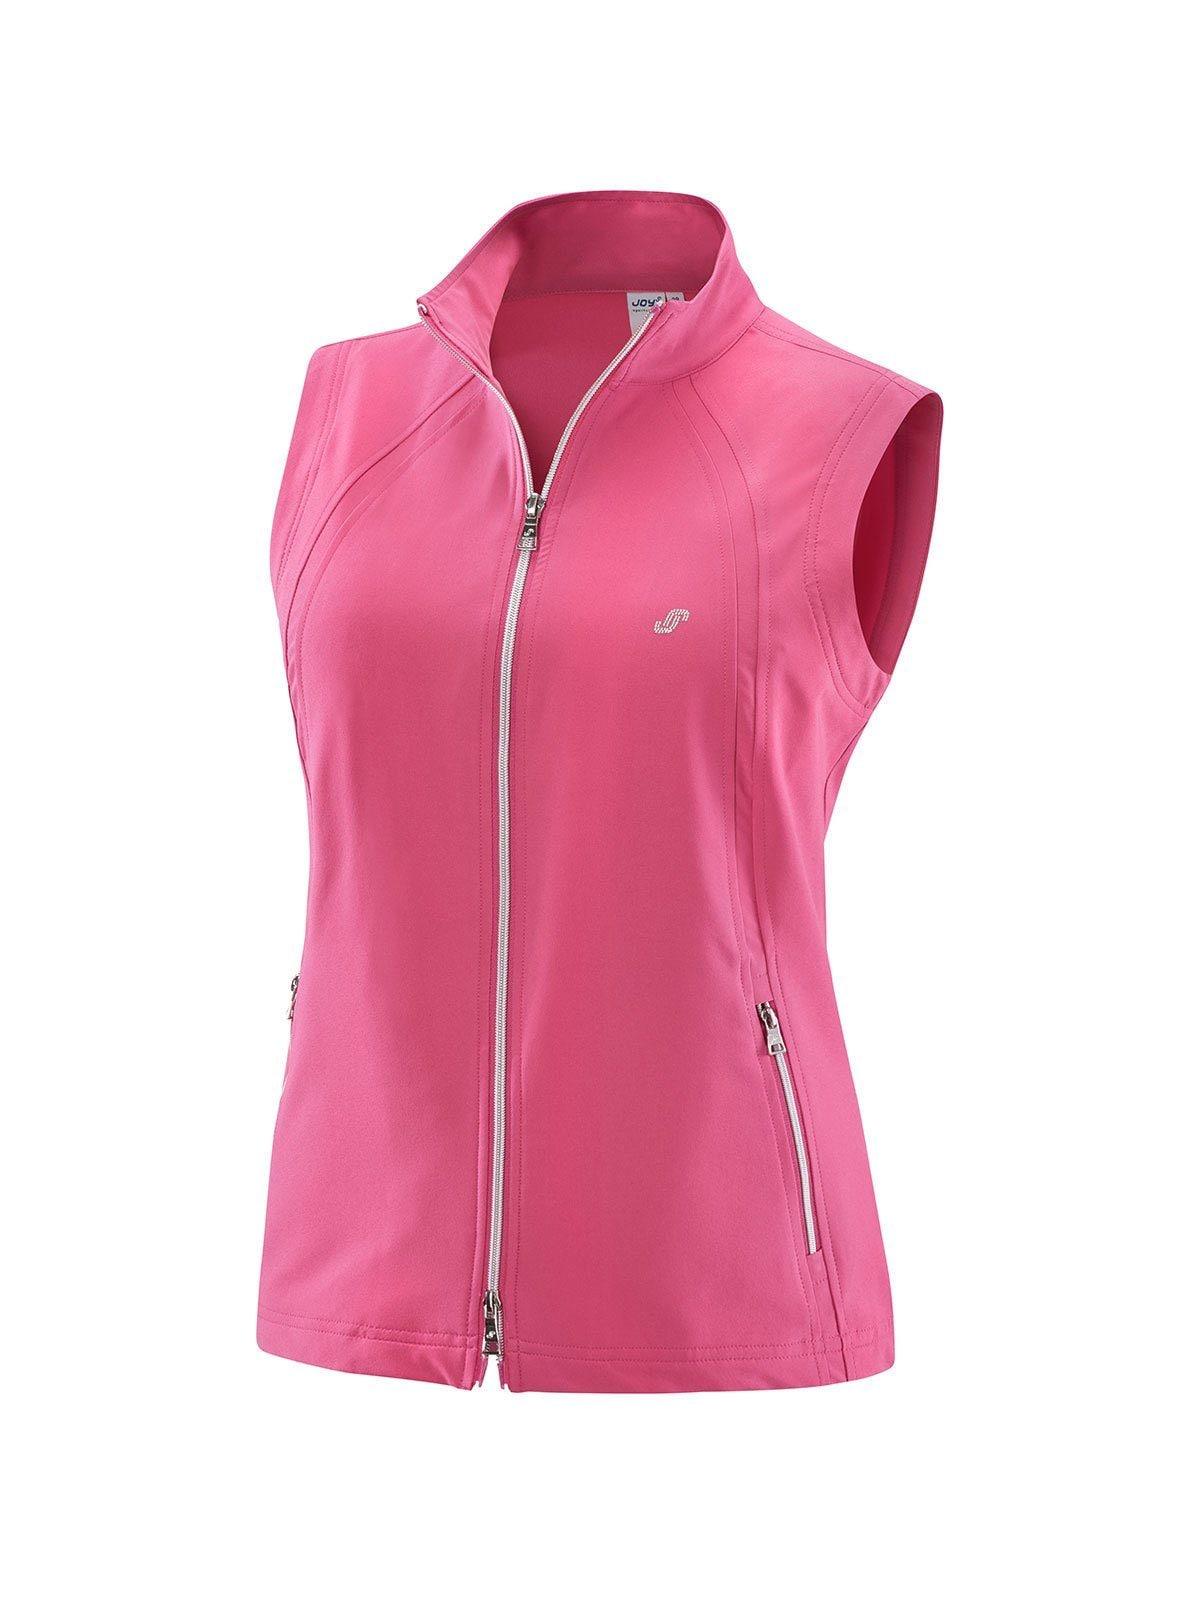 Joy Sportswear Funktionsweste EMMA | Sportbekleidung > Sportwesten > Funktionswesten | Rosa | Joy Sportswear